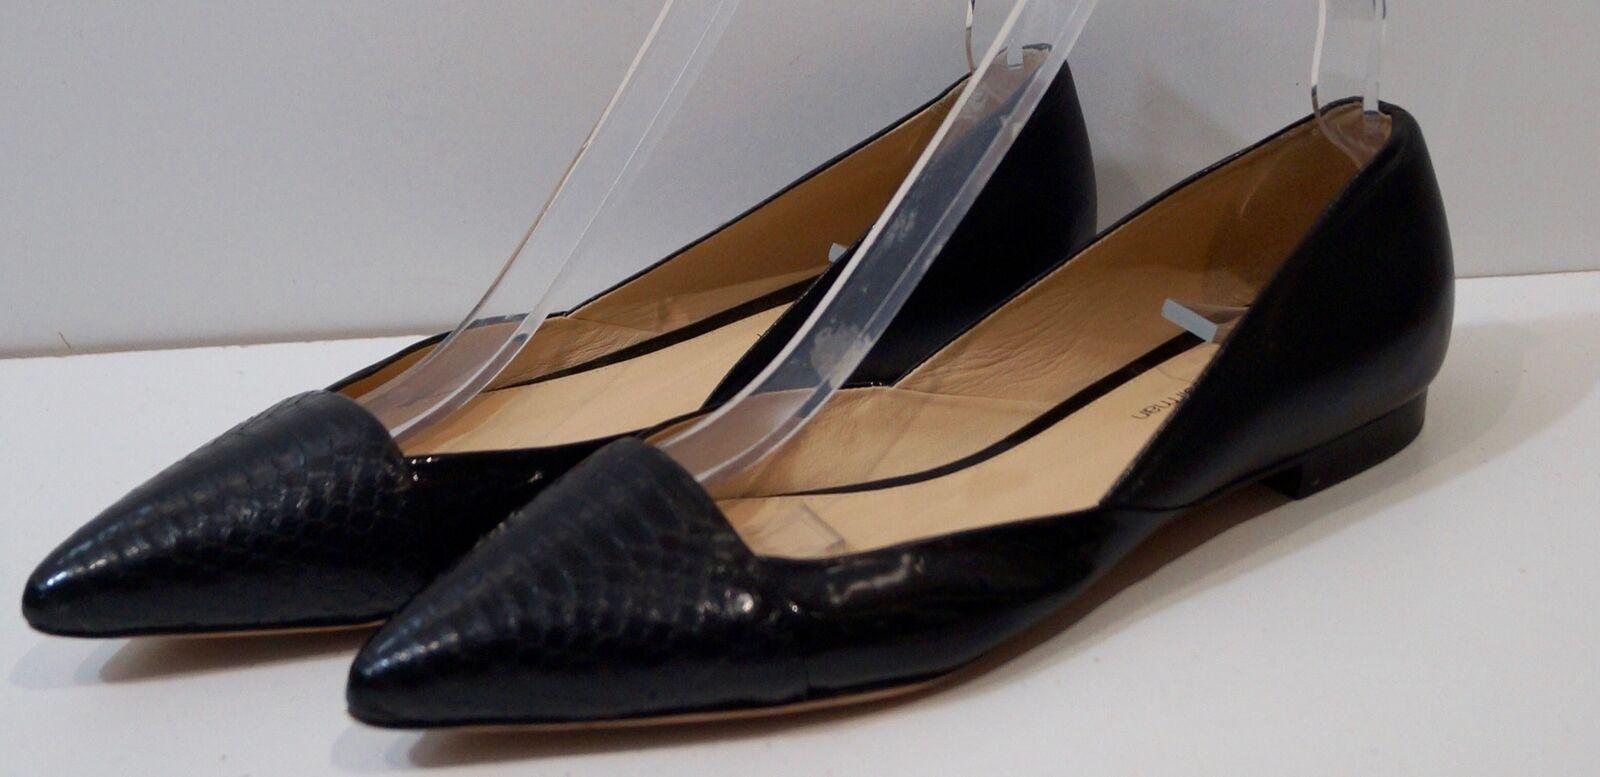 negozio di moda in vendita Alexandre Birman nero pitone in pelle in rilievo piatto BALLERINA BALLERINA BALLERINA POMPE eu38  il più economico